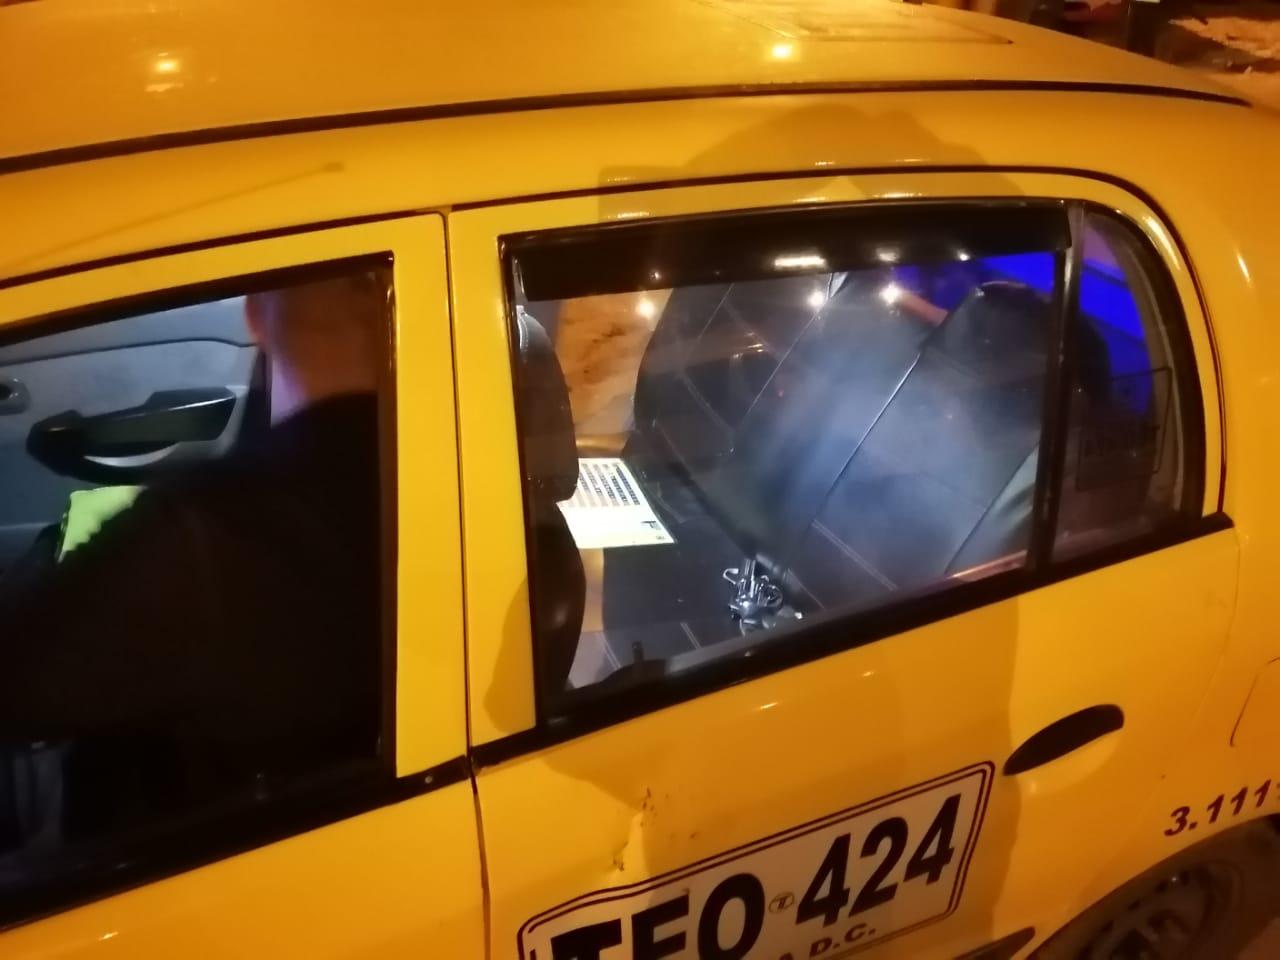 Taxi en el que se movilizaban los delincuentes. Un arma de fuego quedó en el interior del vehículo.